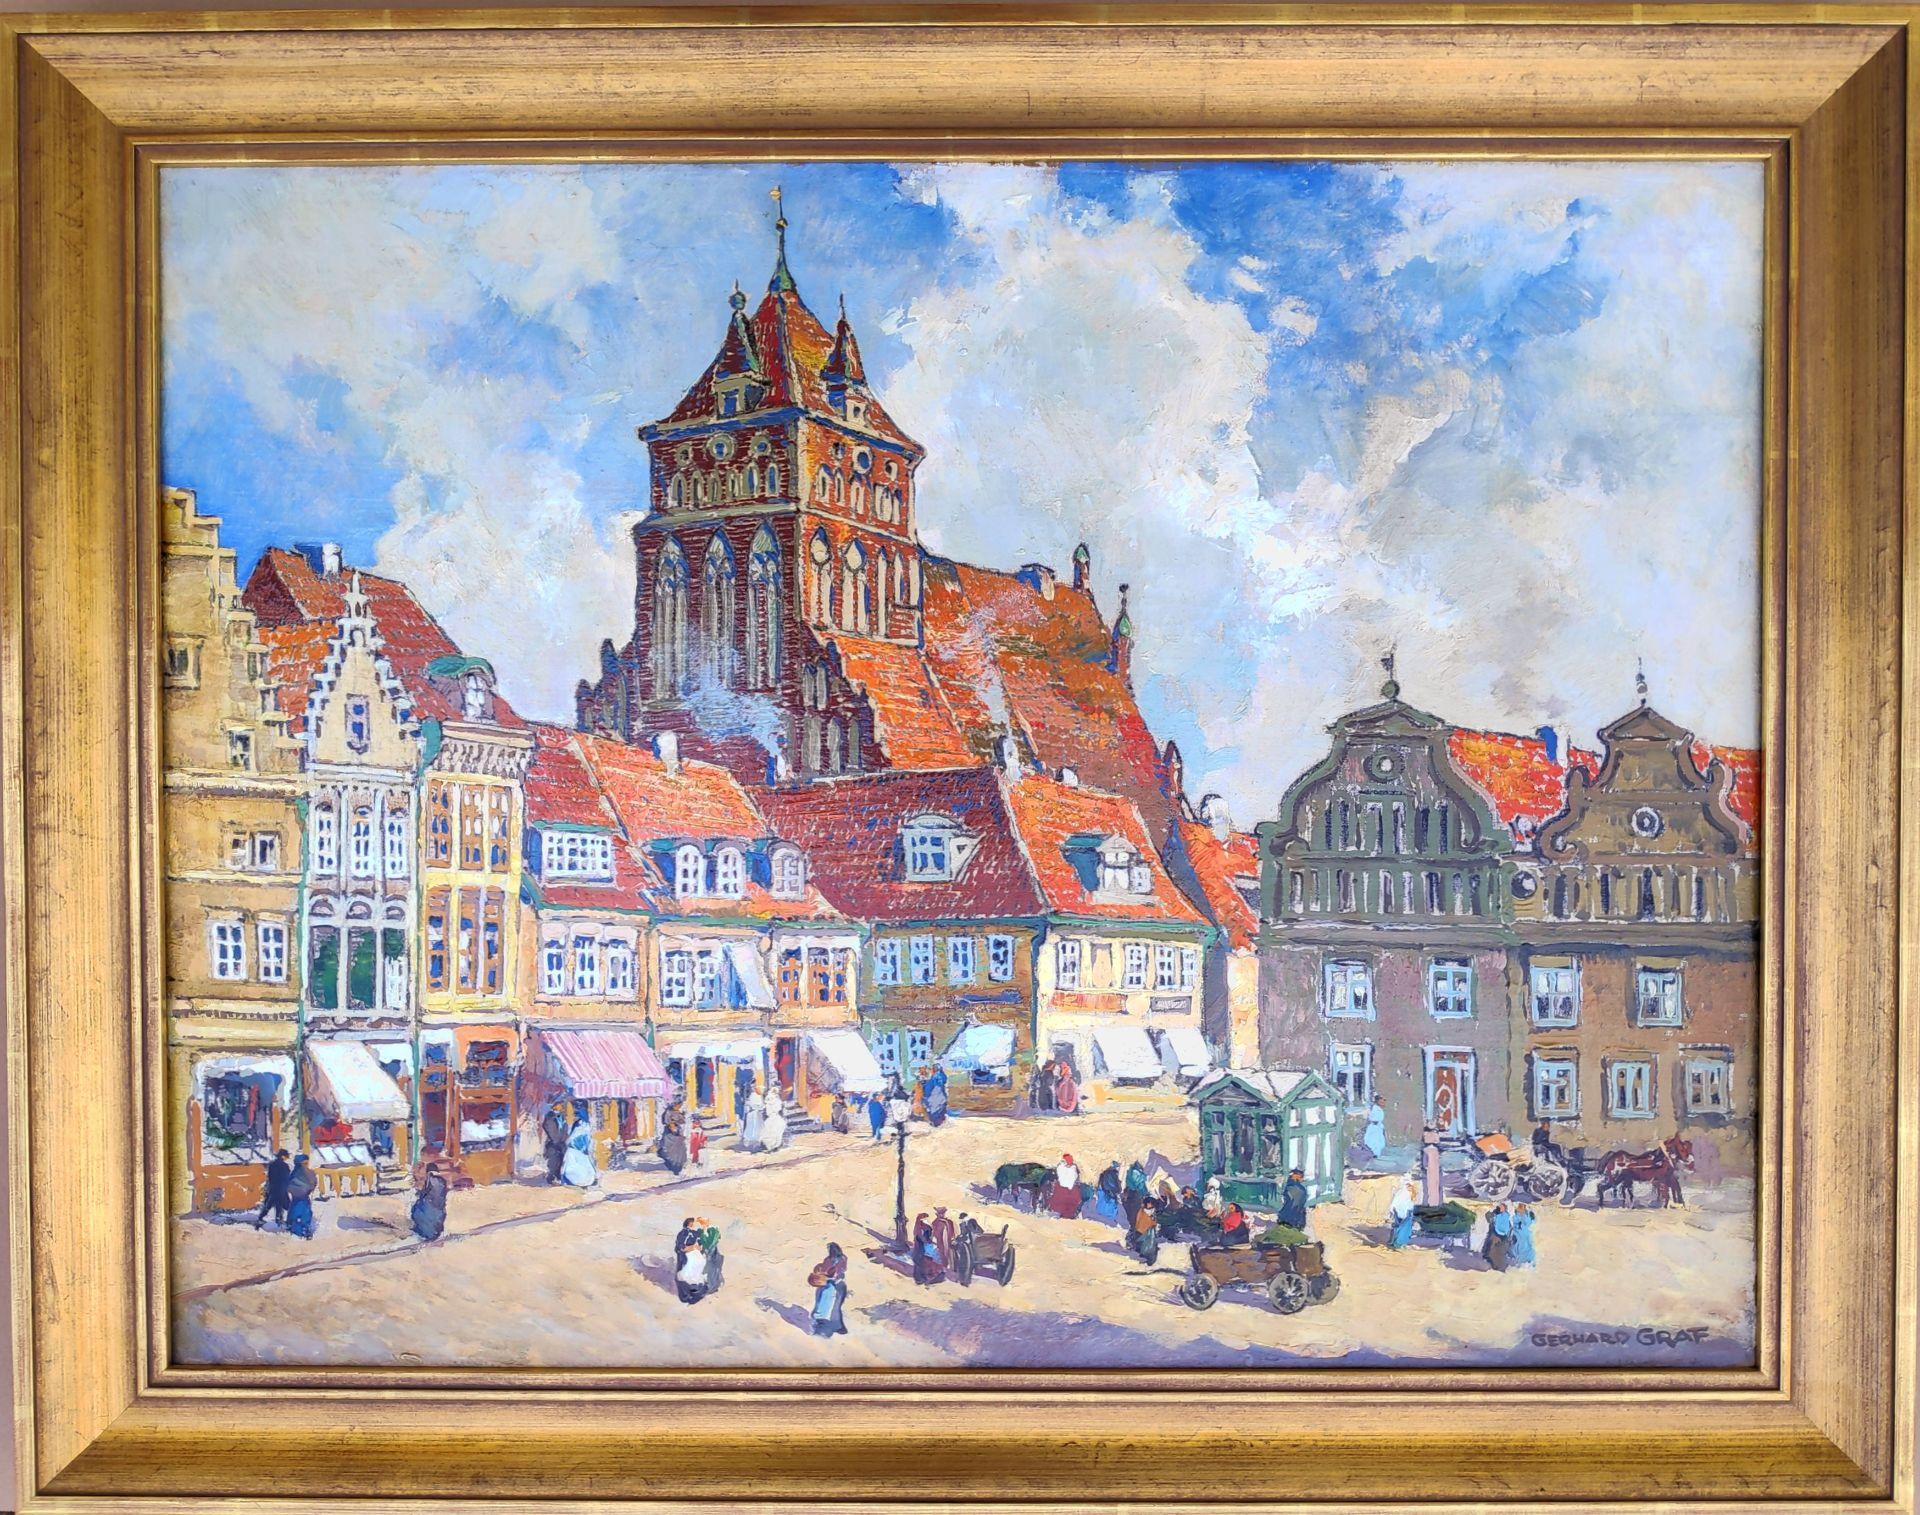 """Graf, Gerhard (1883 Berlin - 1958 Stockholm) """"Markt in Greifswald mit Blick auf St. Marien"""" - Bild 2 aus 3"""